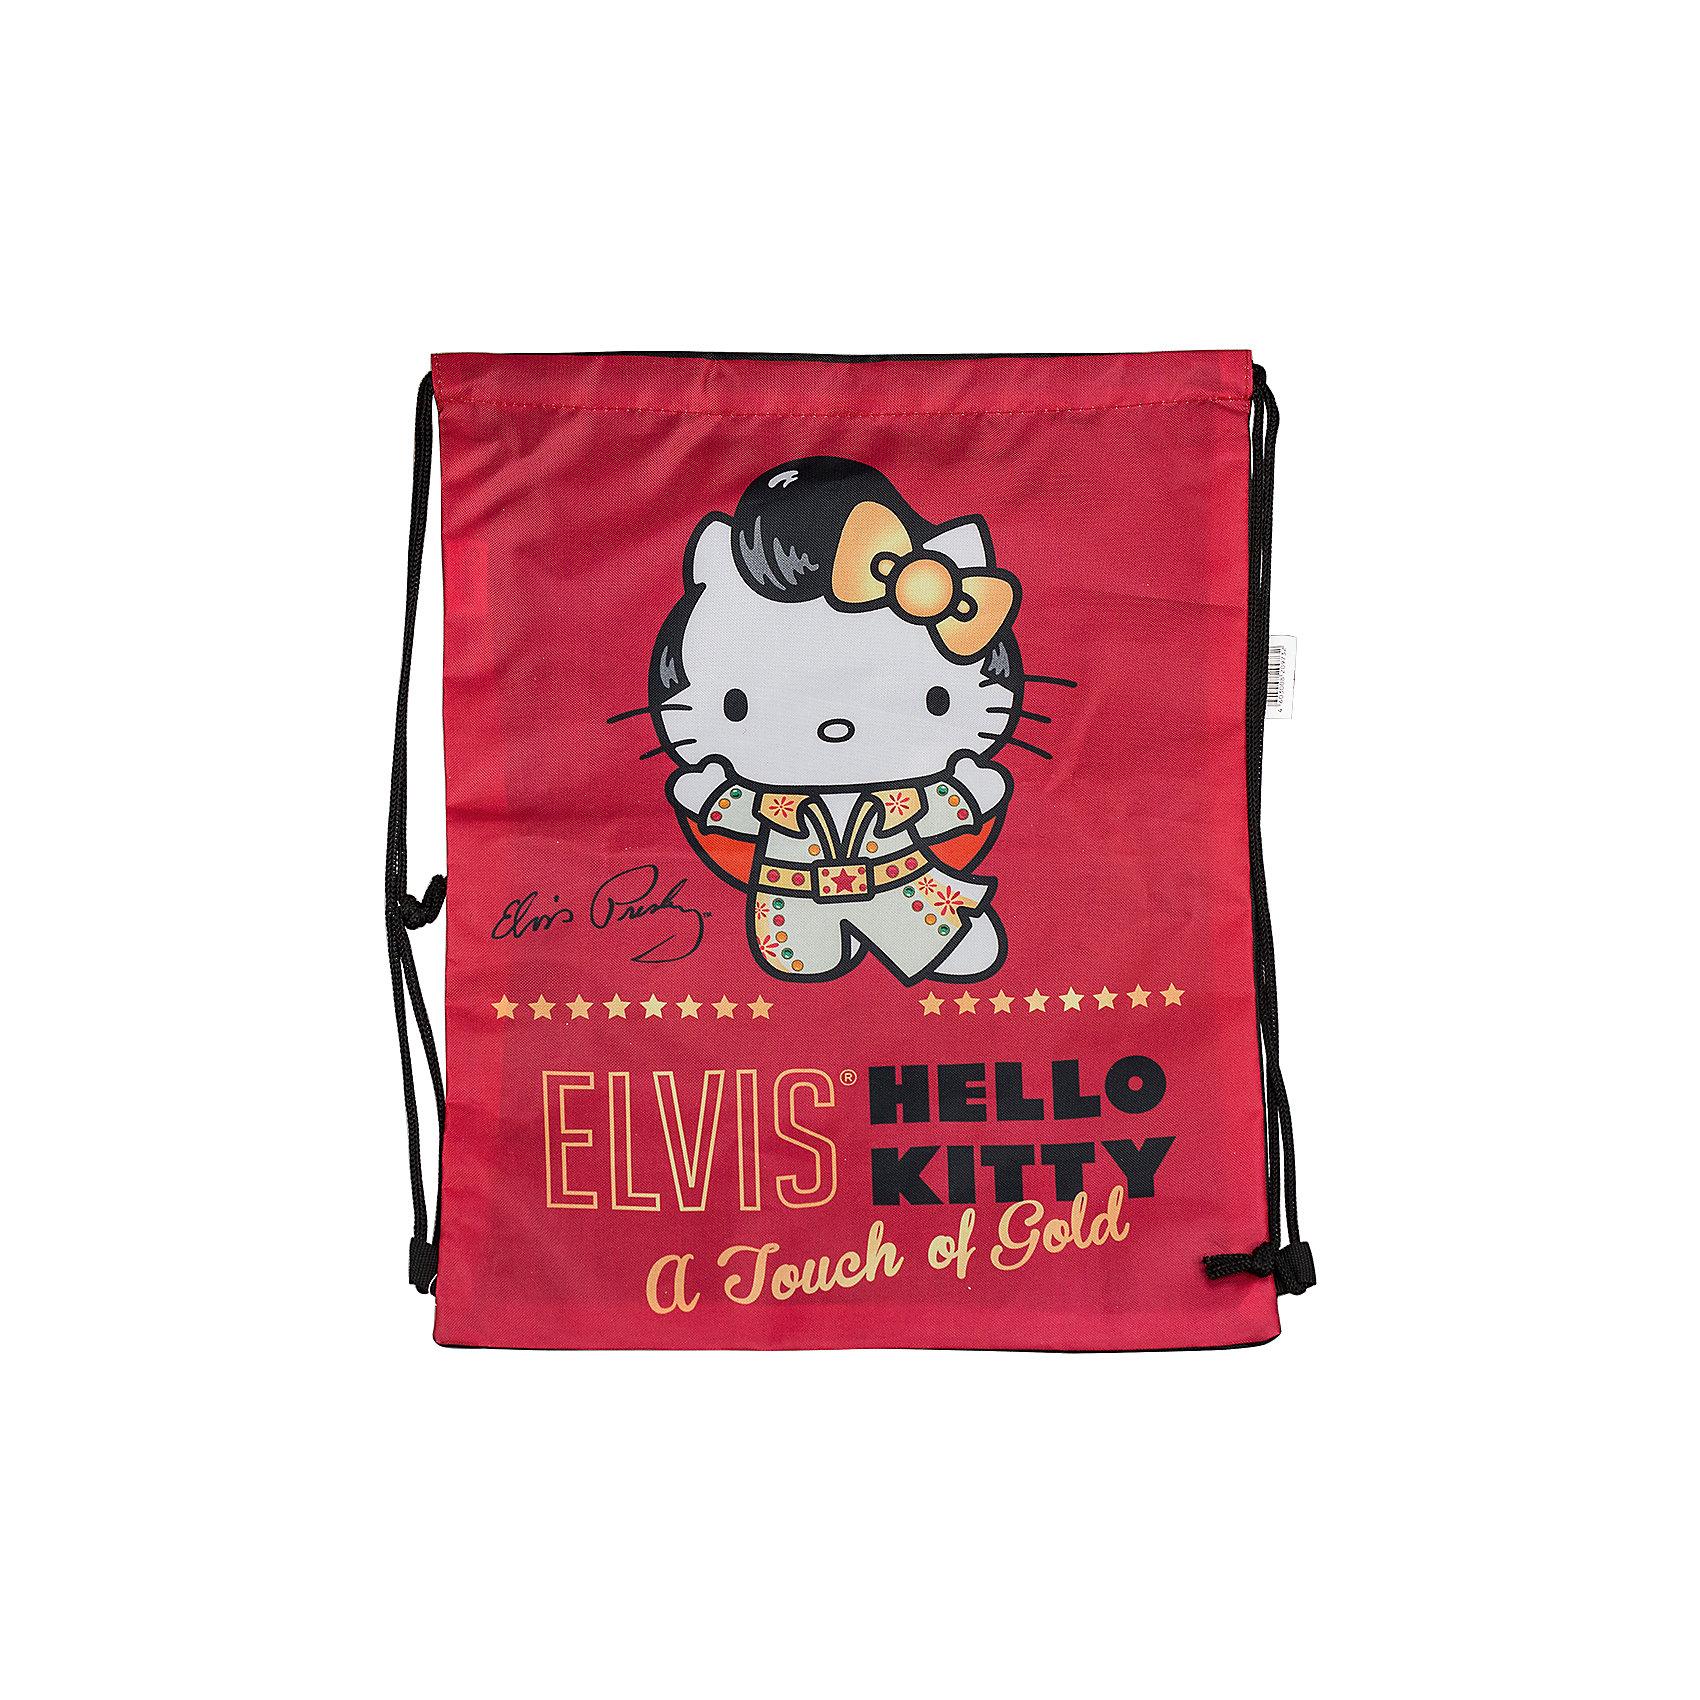 Hello Kitty Сумка-рюкзак для обувиМешки для обуви<br>Сумка-рюкзак для обуви с изображением любимого котенка Hello Kitty станет незаменимым аксессуаром Вашей малышки в школе!<br><br>Дополнительная информация:<br> <br>Размер43 х 34 см.<br><br>Теперь Ваша малышка не забудет взять с собой письменные принадлежности!<br><br>Ширина мм: 10<br>Глубина мм: 400<br>Высота мм: 340<br>Вес г: 71<br>Возраст от месяцев: 96<br>Возраст до месяцев: 144<br>Пол: Женский<br>Возраст: Детский<br>SKU: 3291593